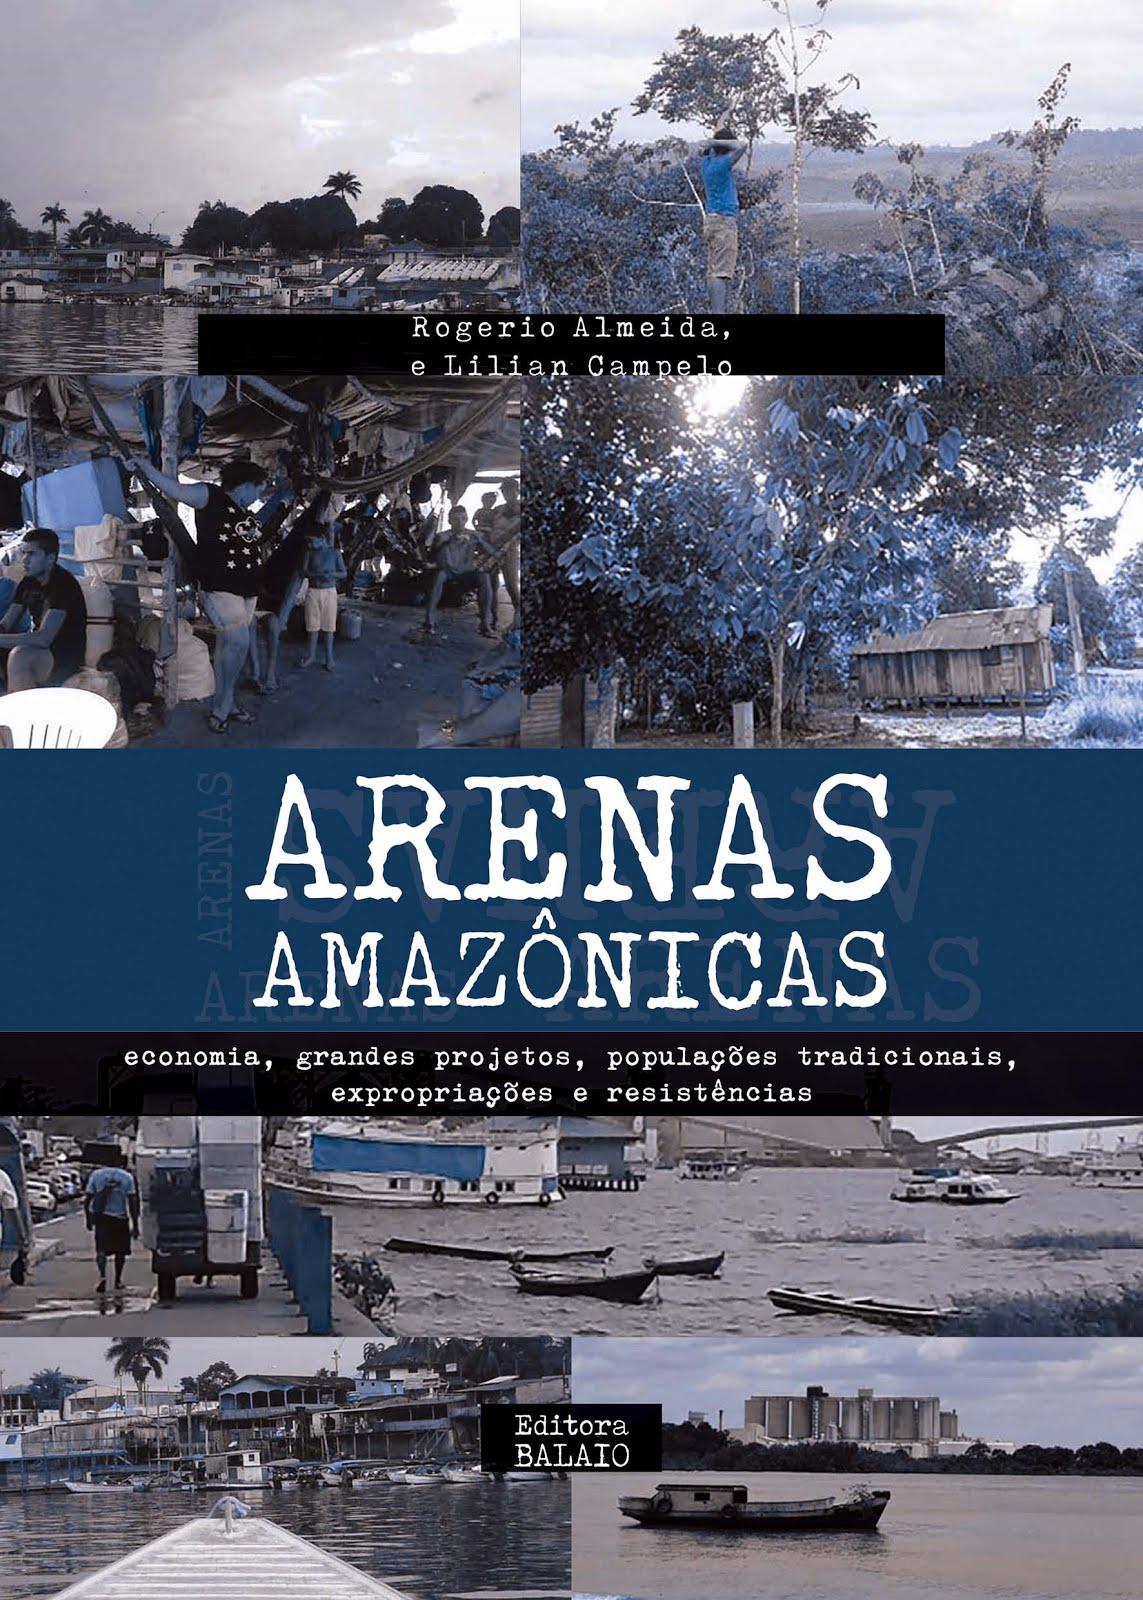 Arenas Amazônicas